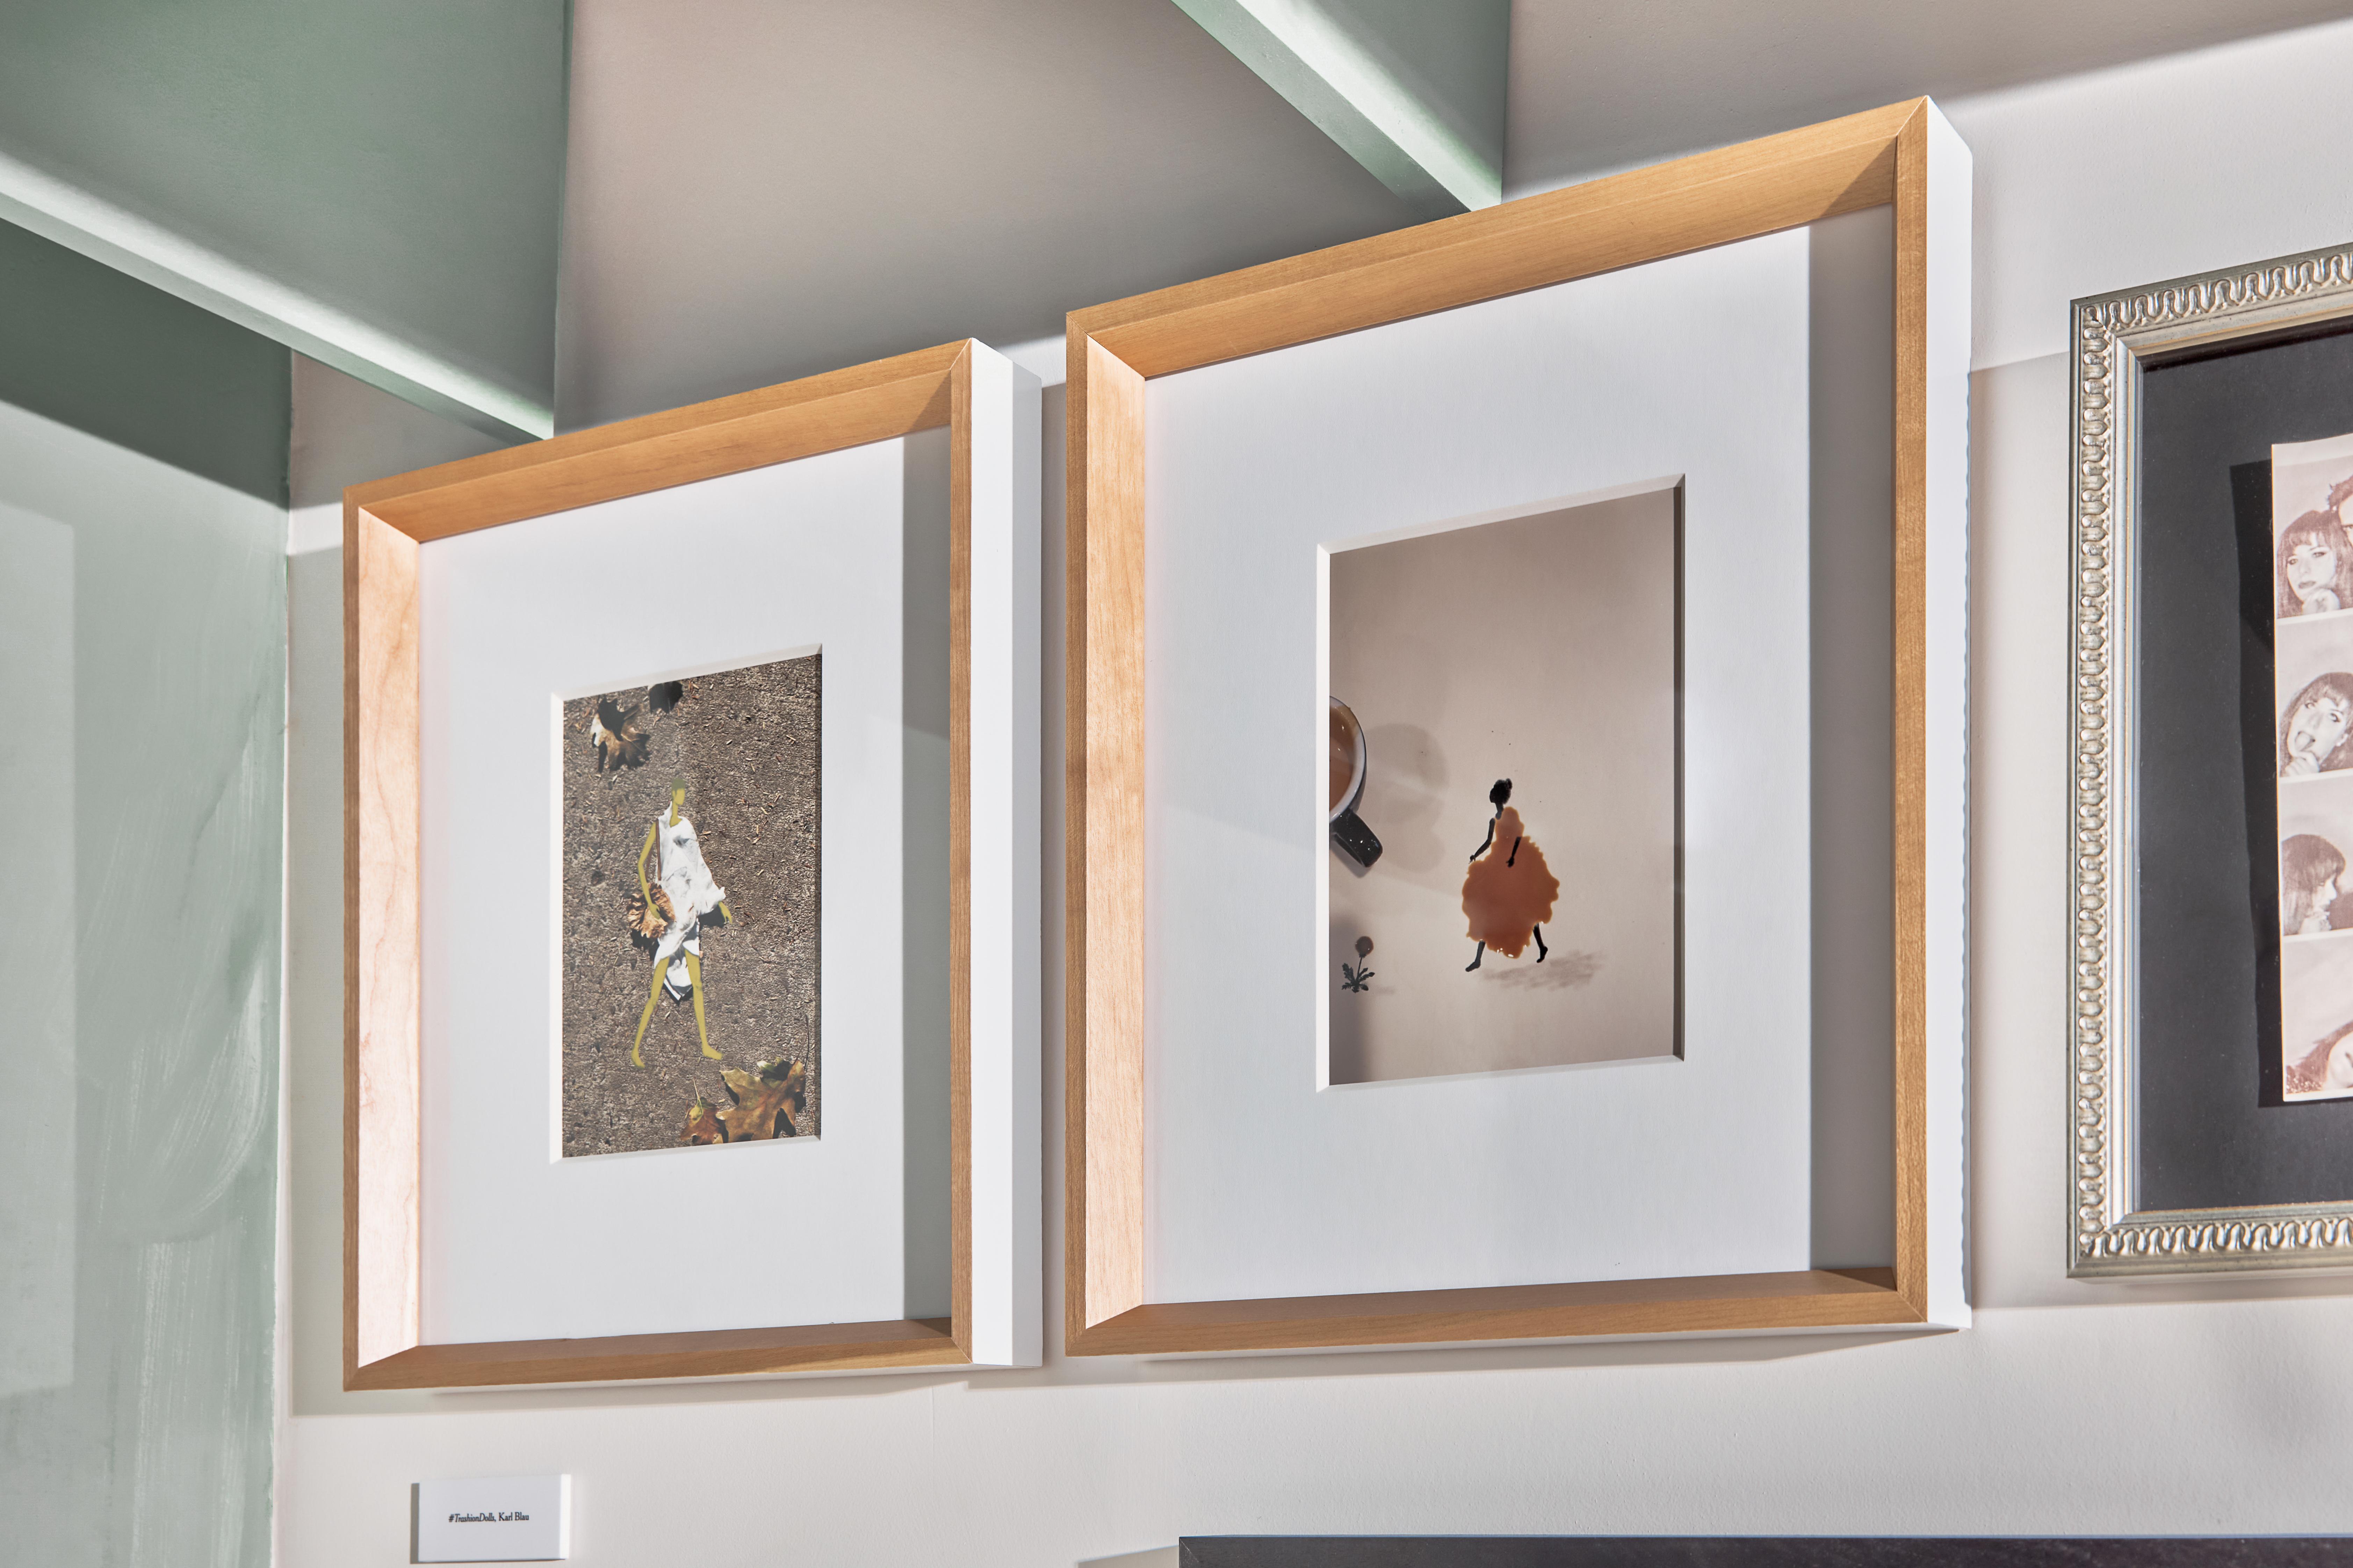 framed photos of trash as art